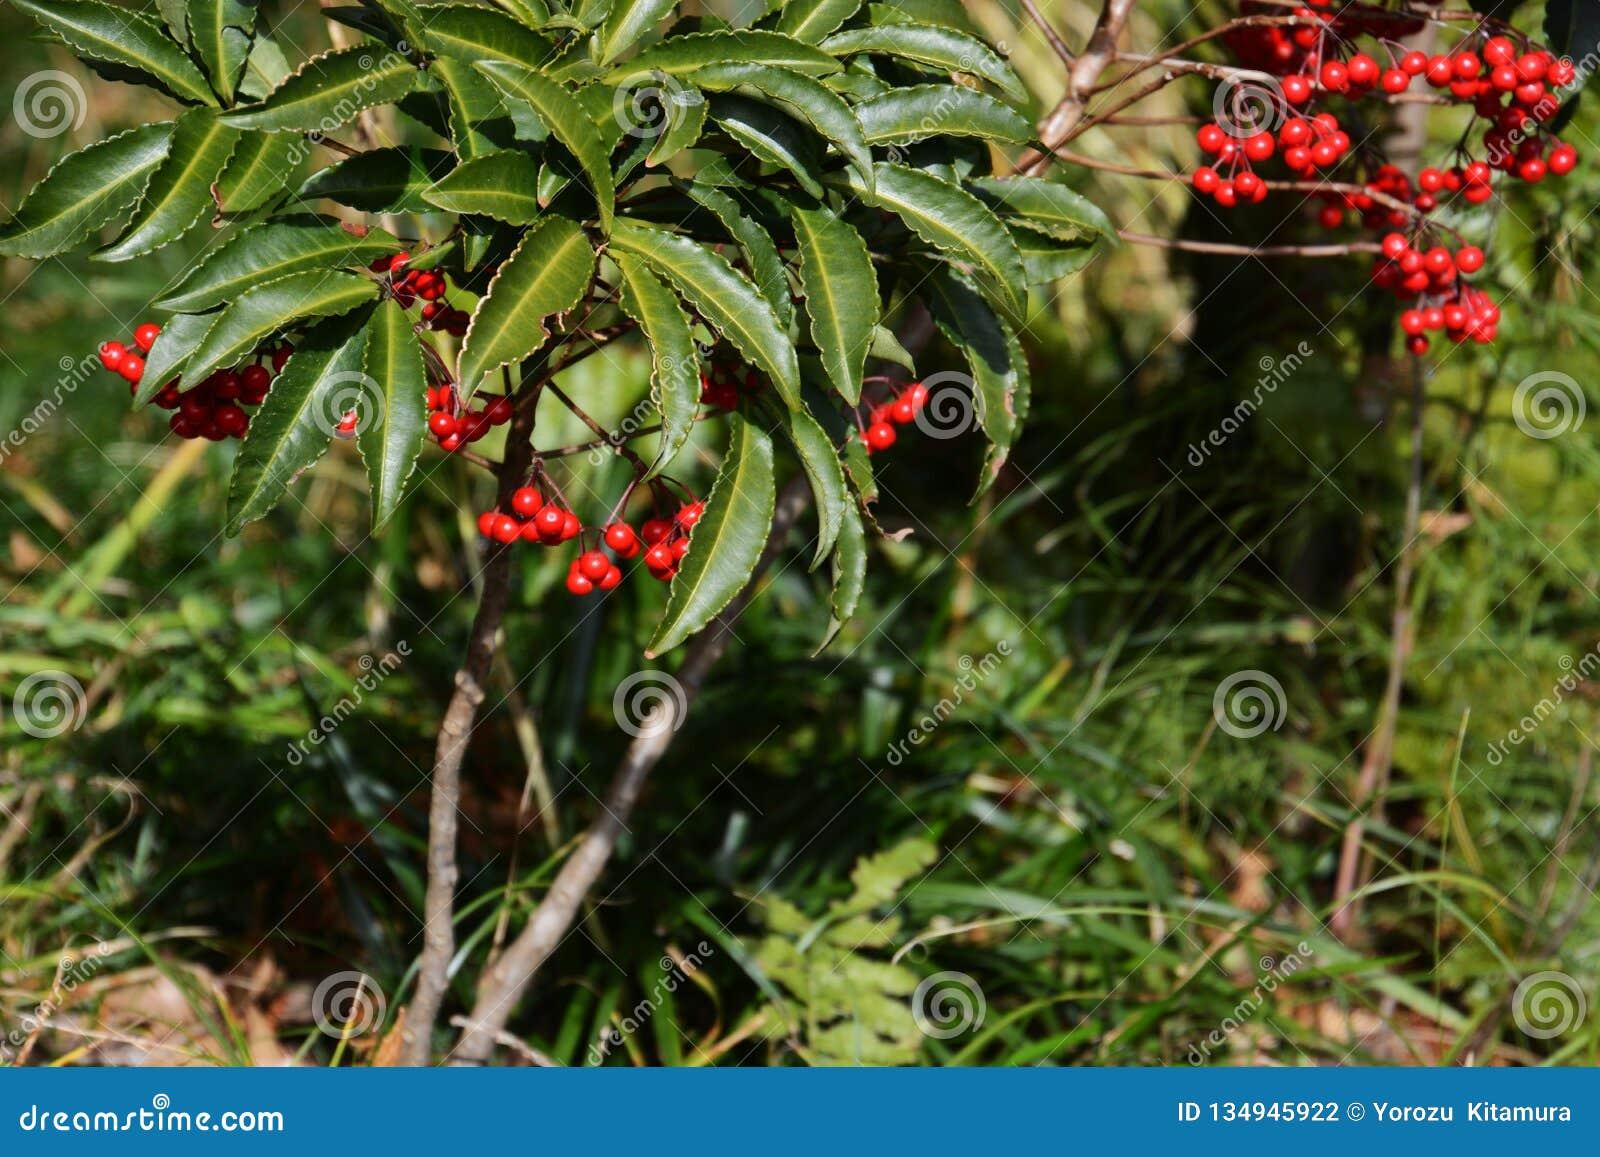 Ardisia crenata fruits